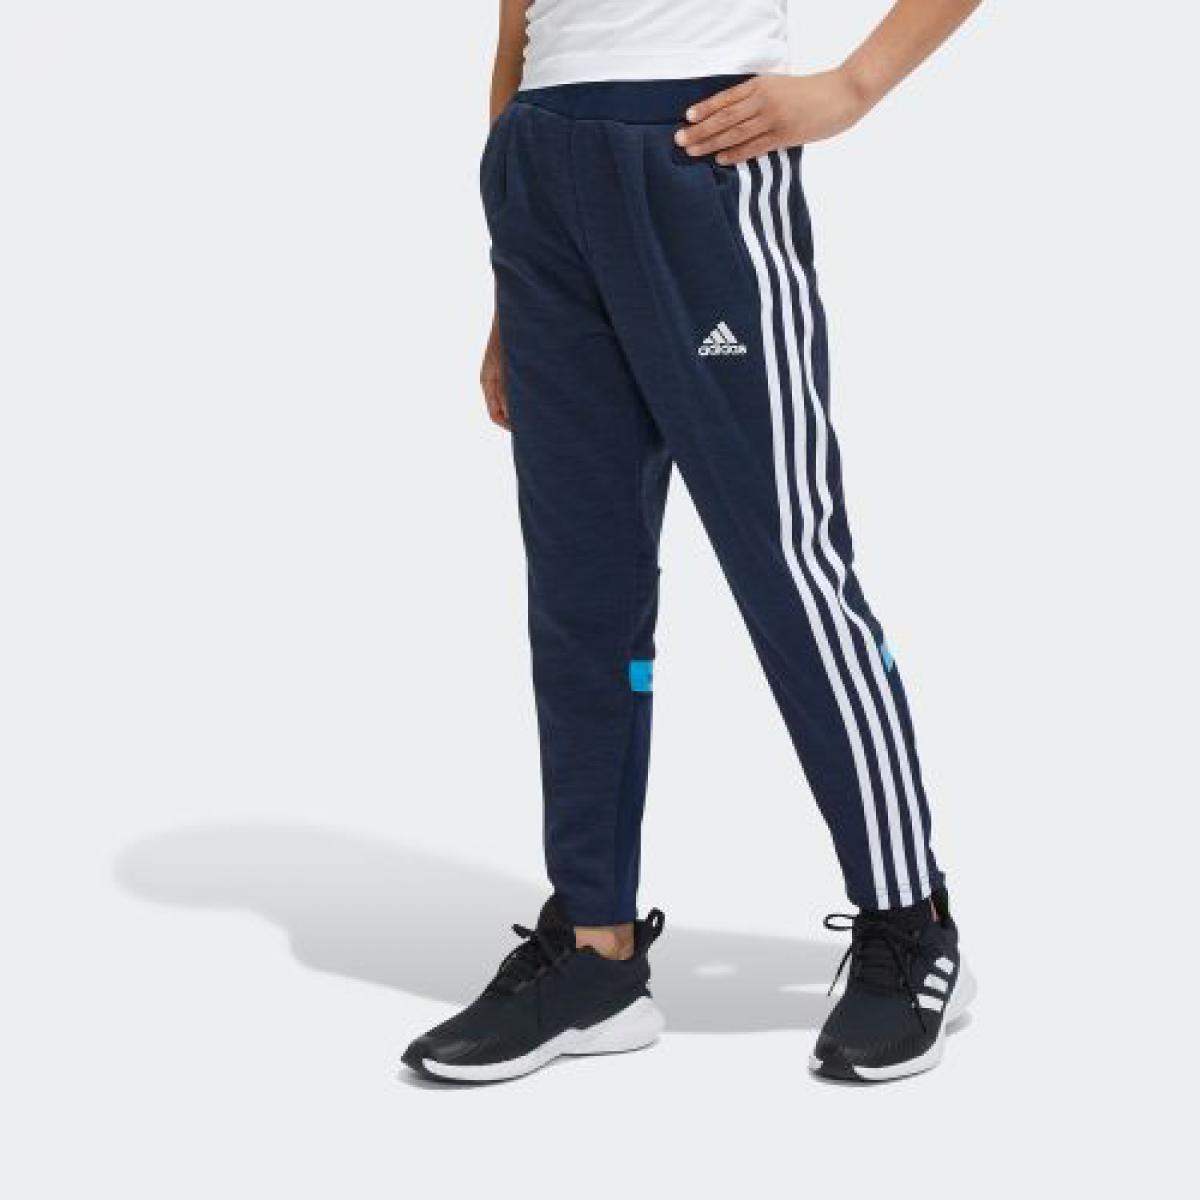 【公式】アディダス adidas ジャージ パンツ キッズ DV1172 ウェア